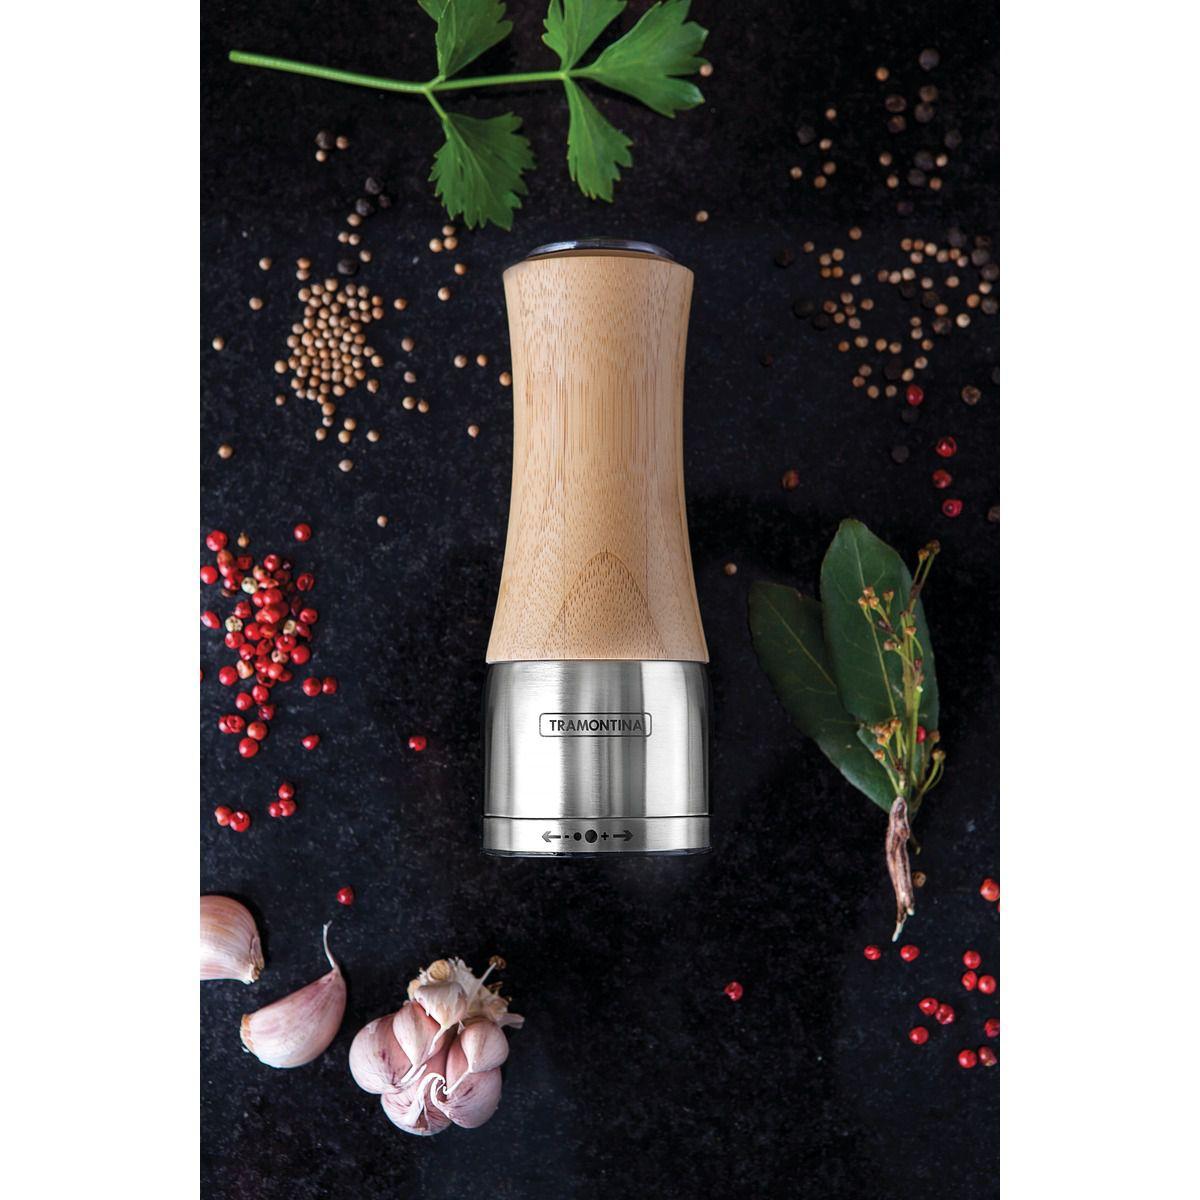 Moedor Tramontina Sal ou Pimenta em Bambú e Aço Inox com Moinho em Cerâmica 61652/000 | Lojas Estrela